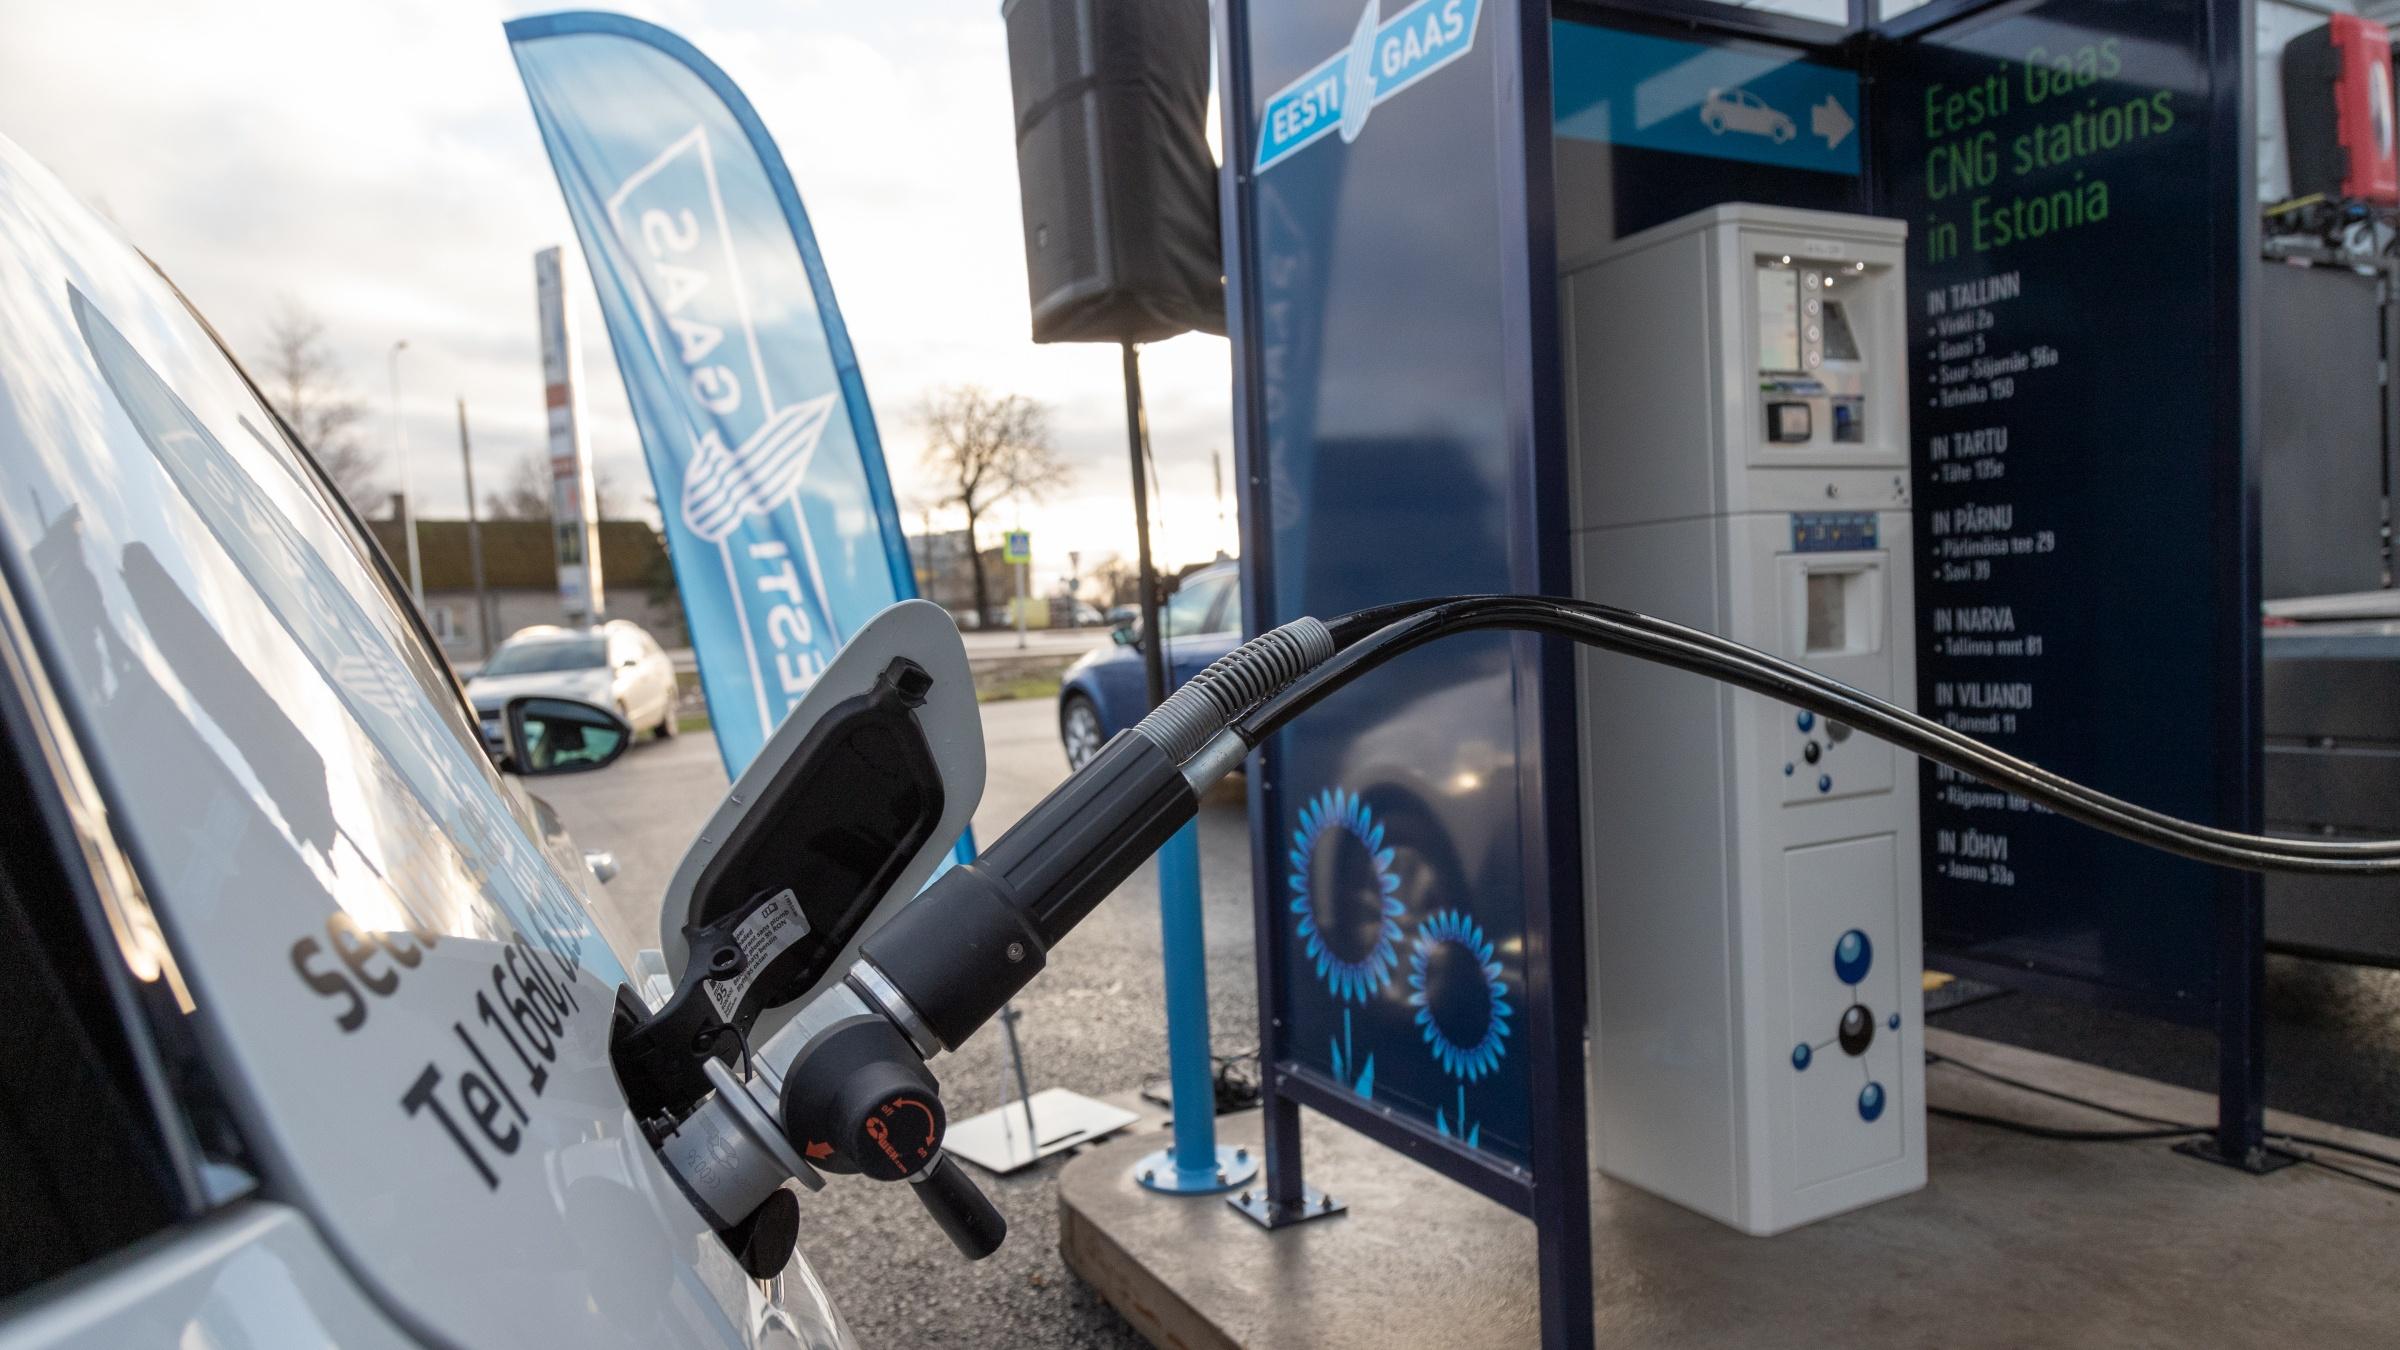 Eestis ja Euroopas on alternatiivkütustel sõitvate sõidukite müük tõusuteel